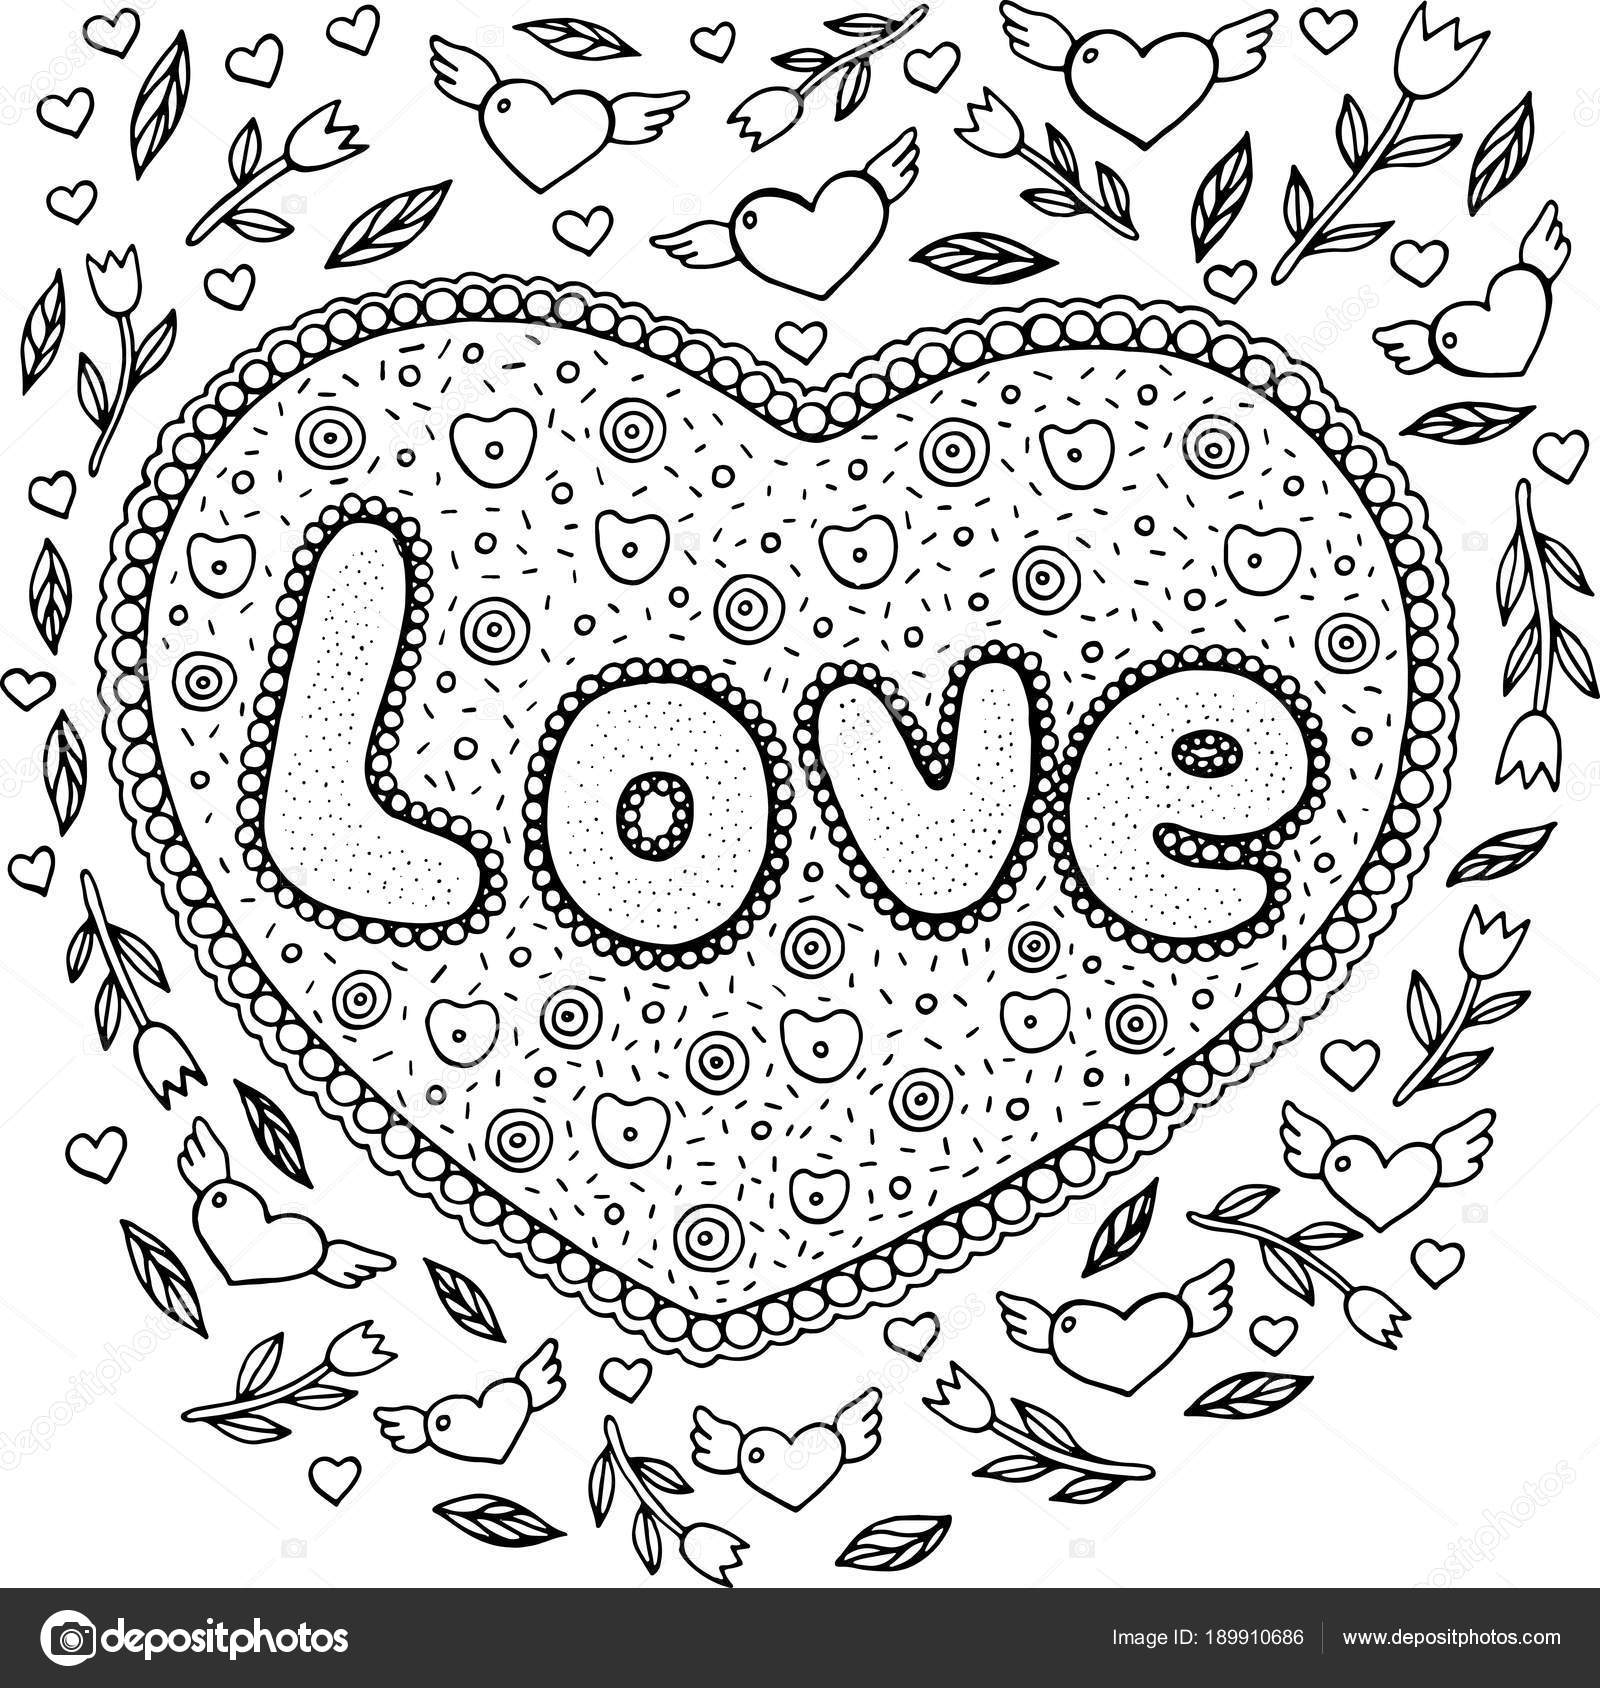 kleurplaat voor volwassenen met mandala en liefde woord